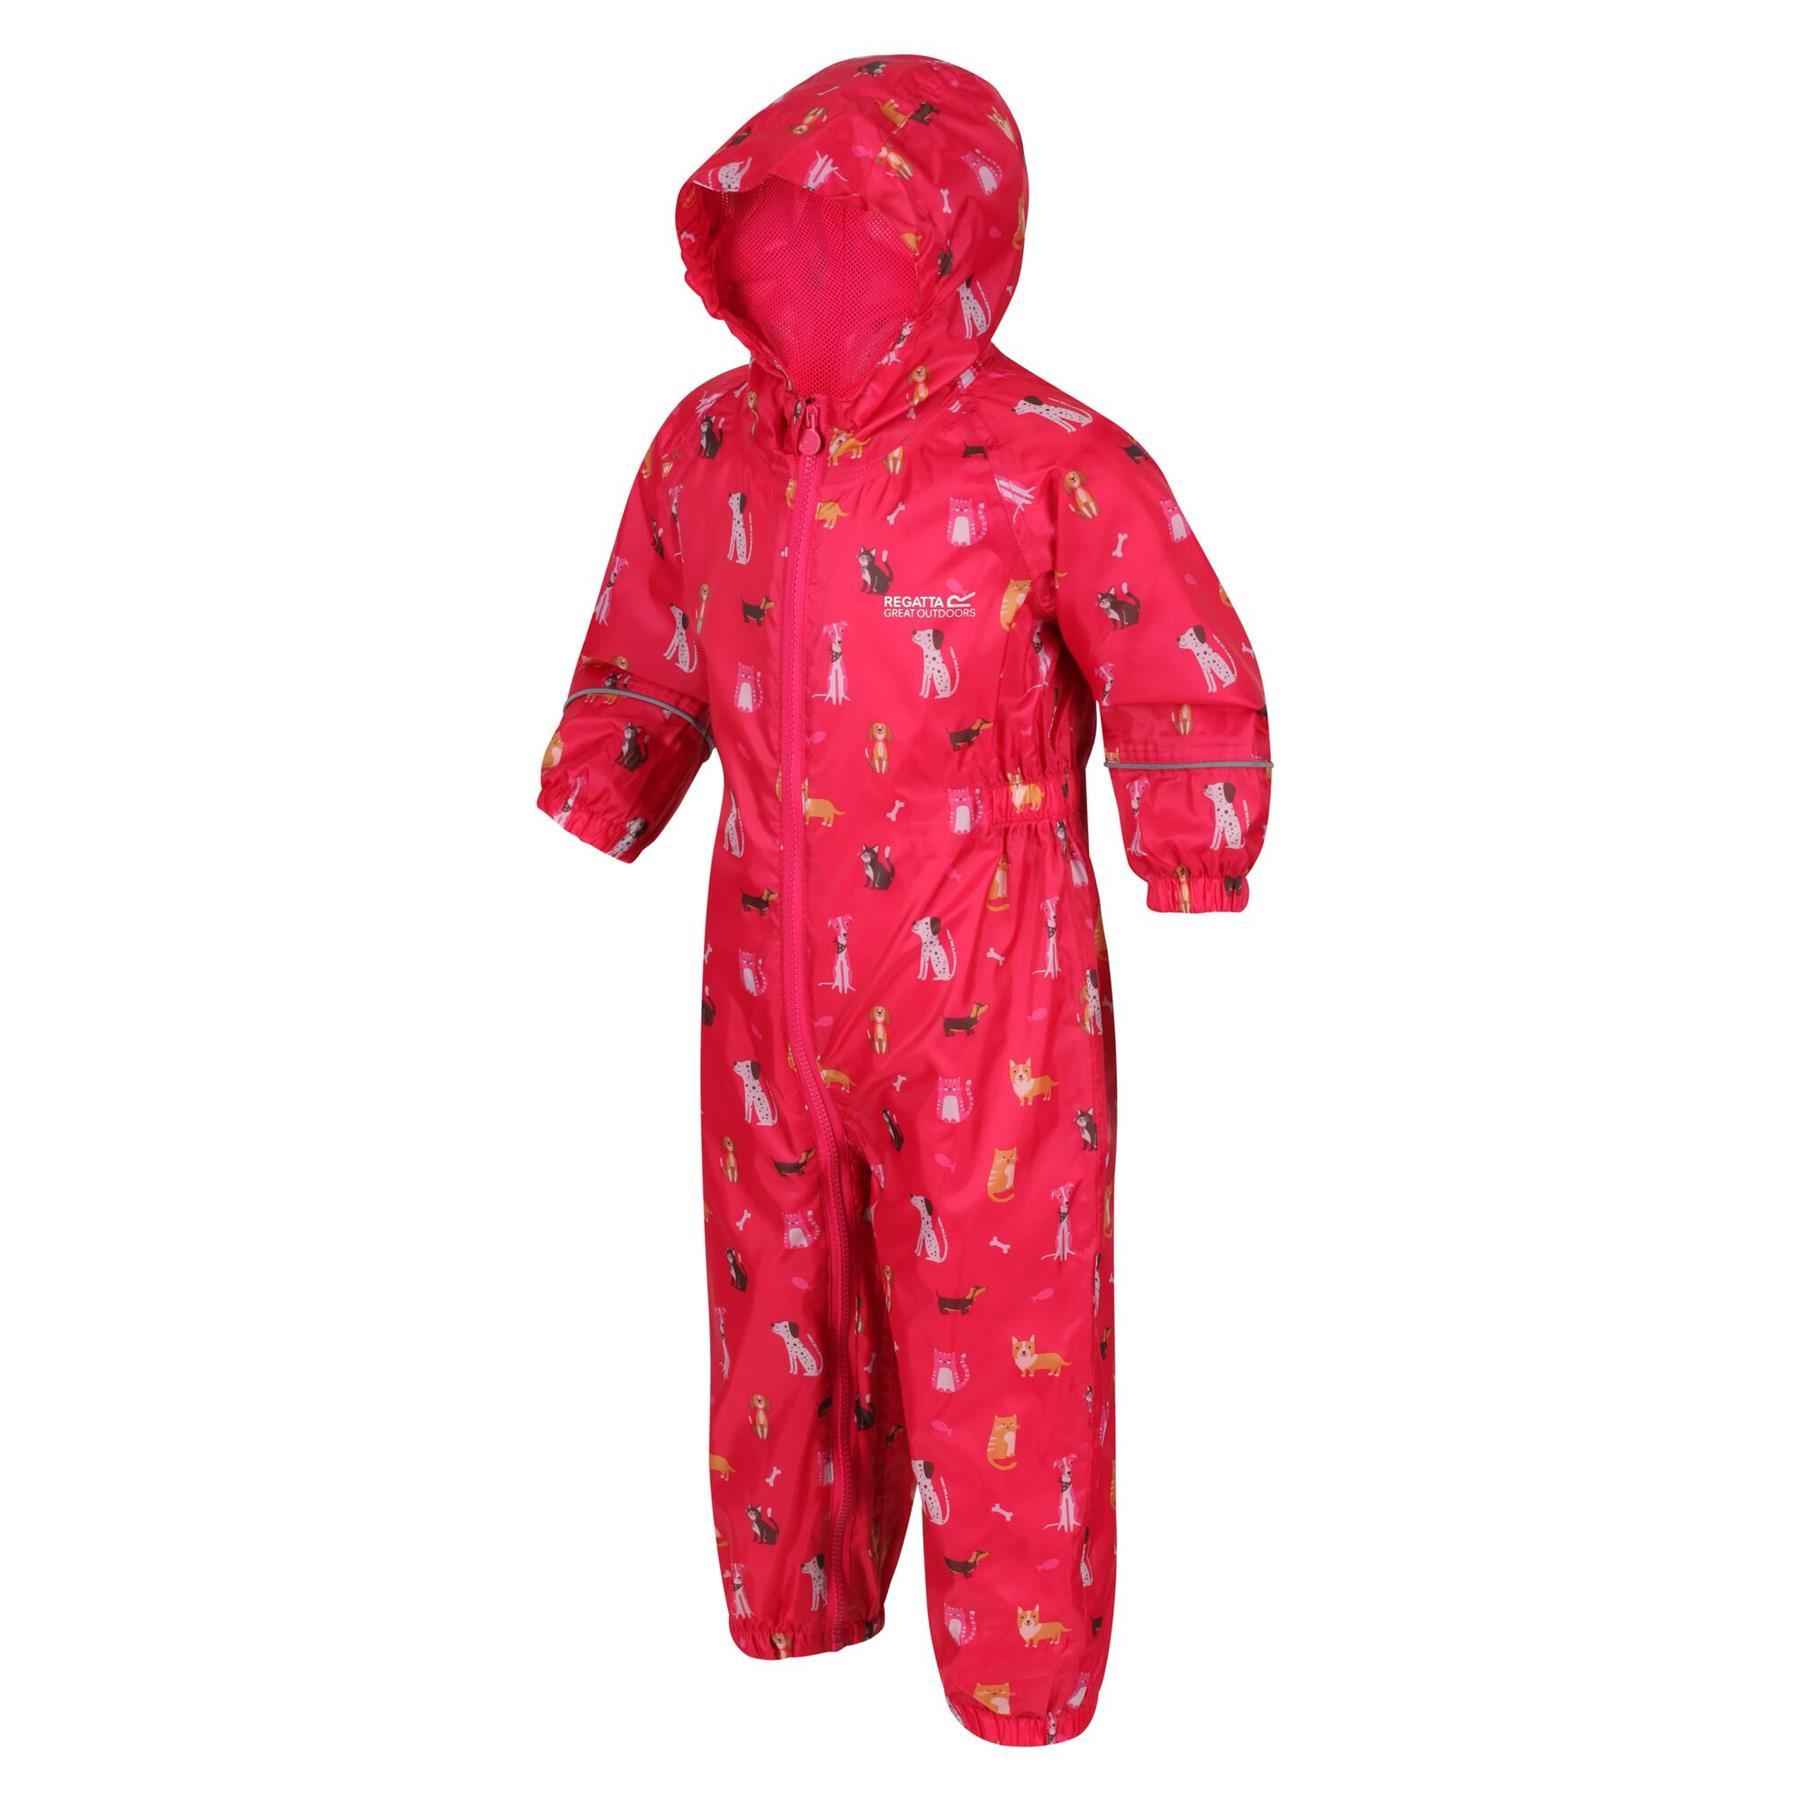 miniatuur 8 - Regatta Pobble Rain suit Waterproof All In One Childrens Kids Boys Girls